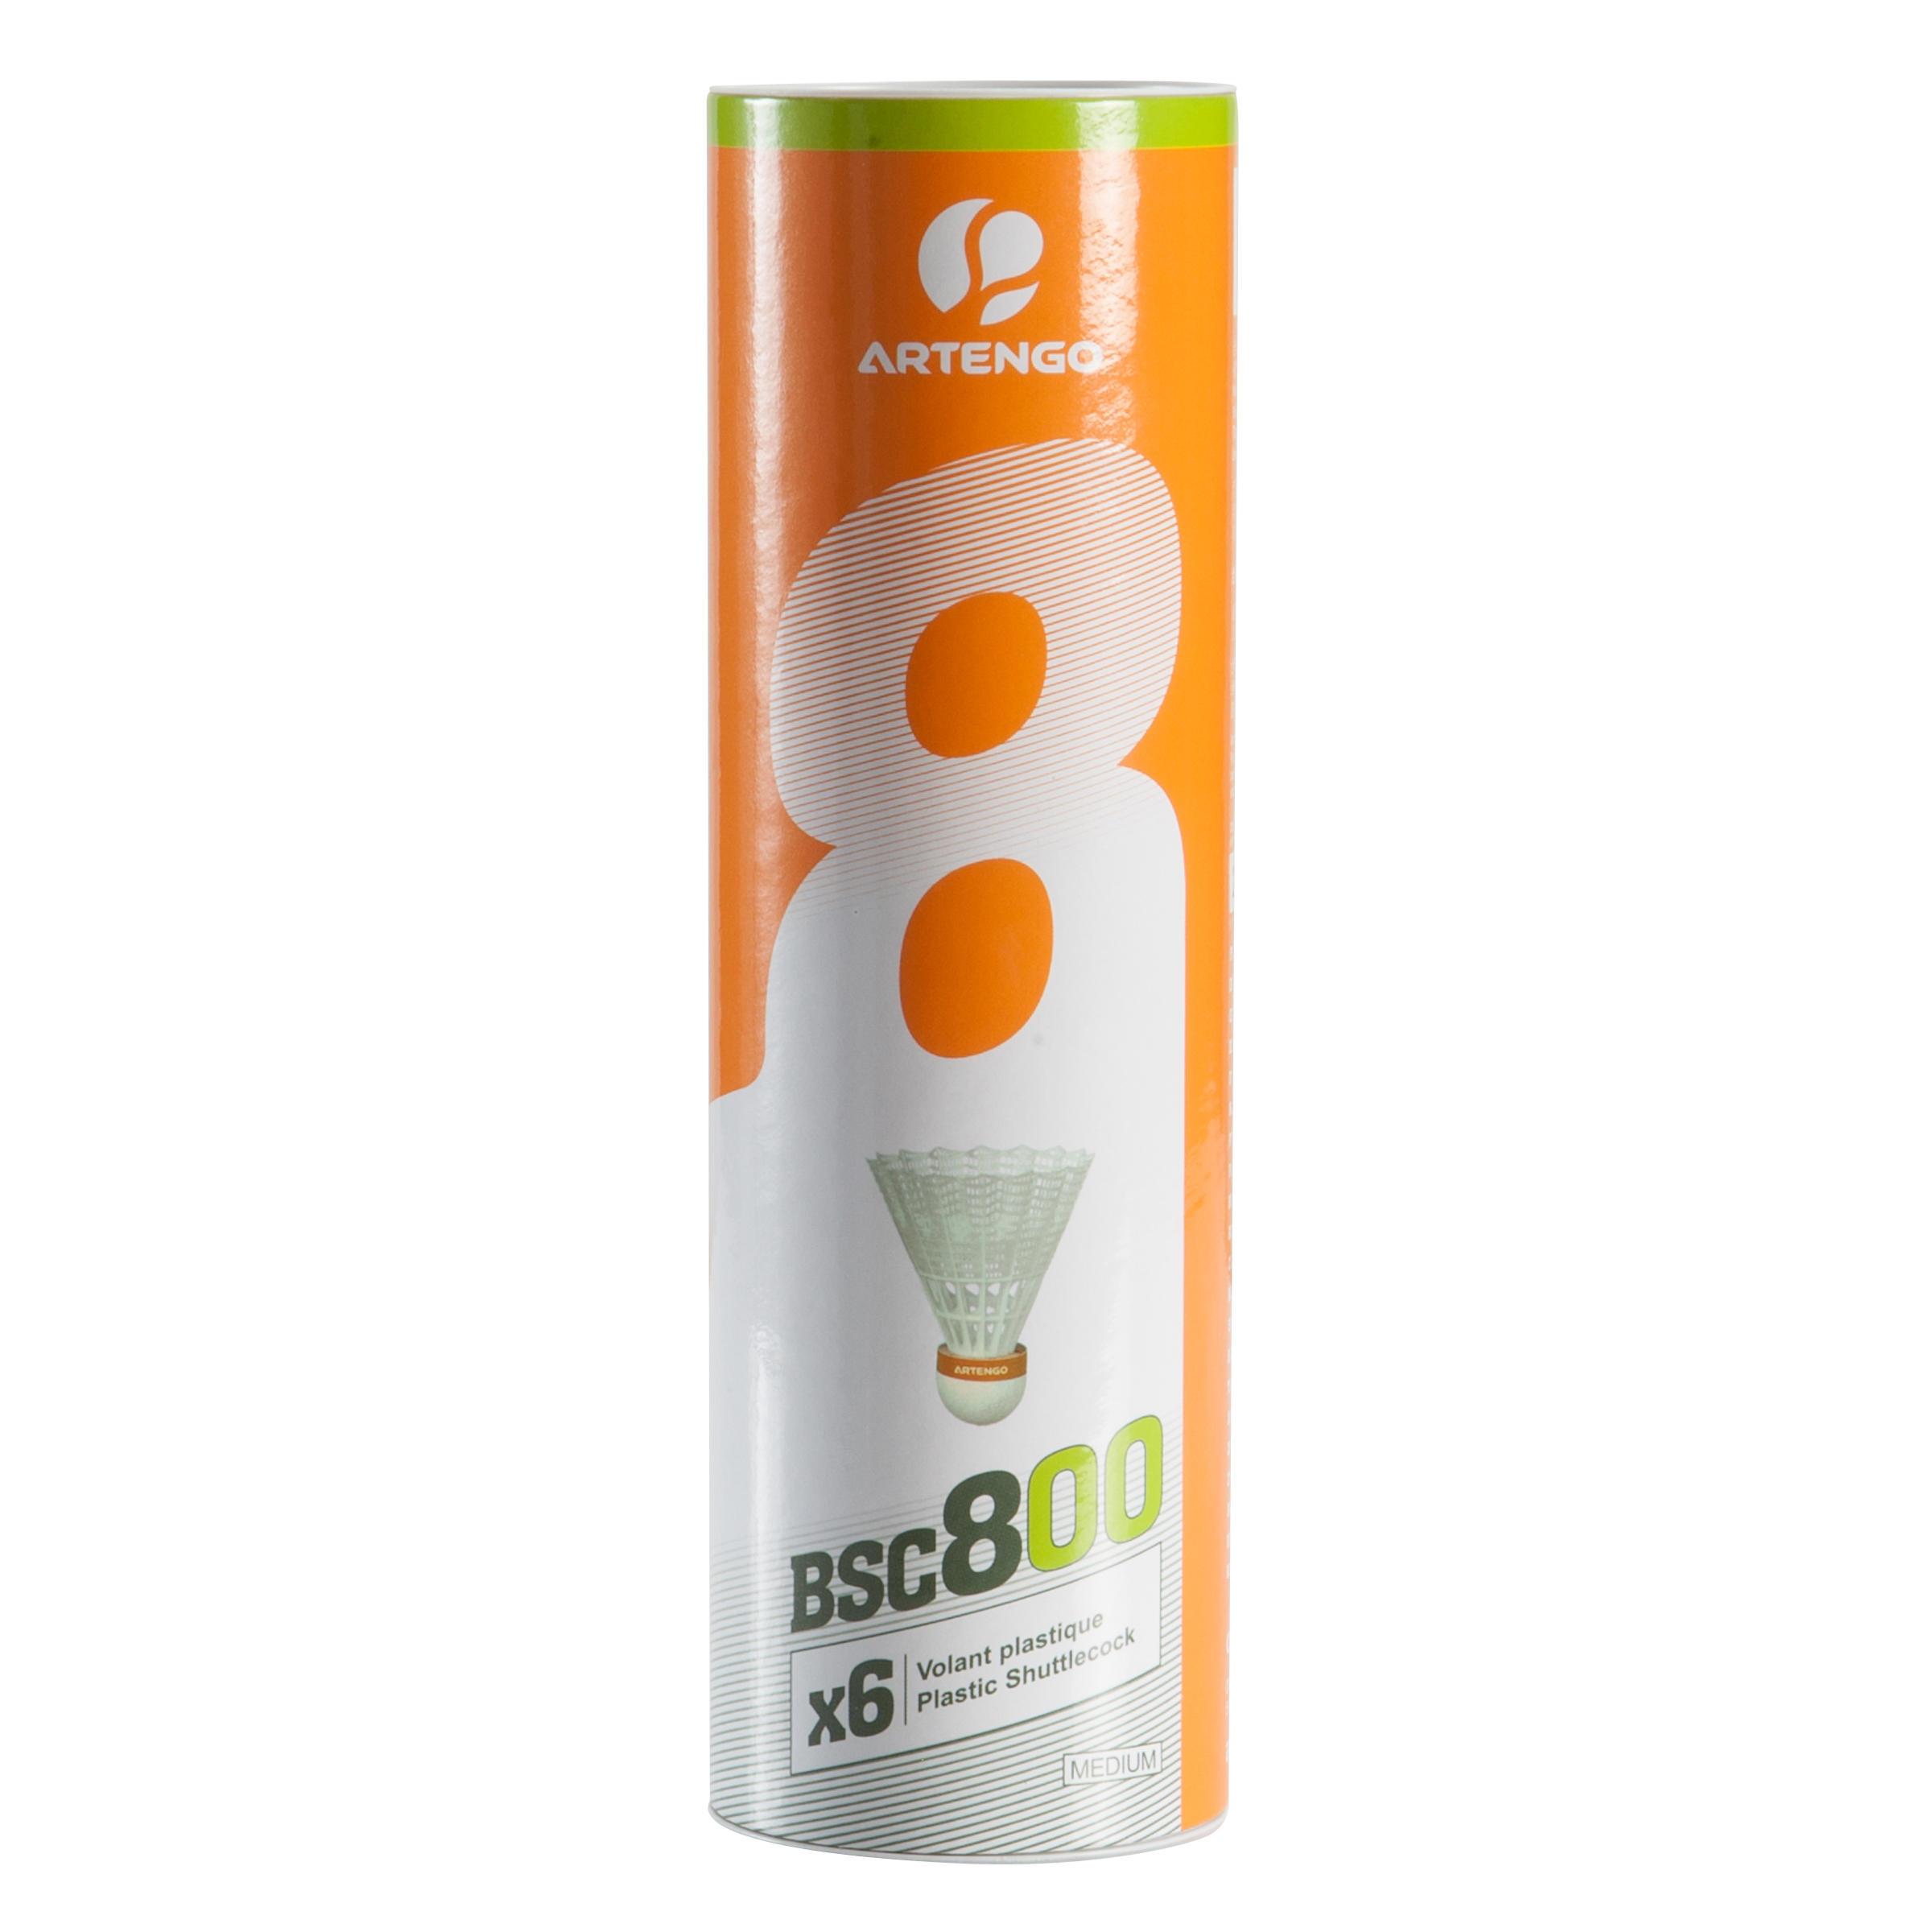 BSC800 Badminton Shuttle 6-Pack - White